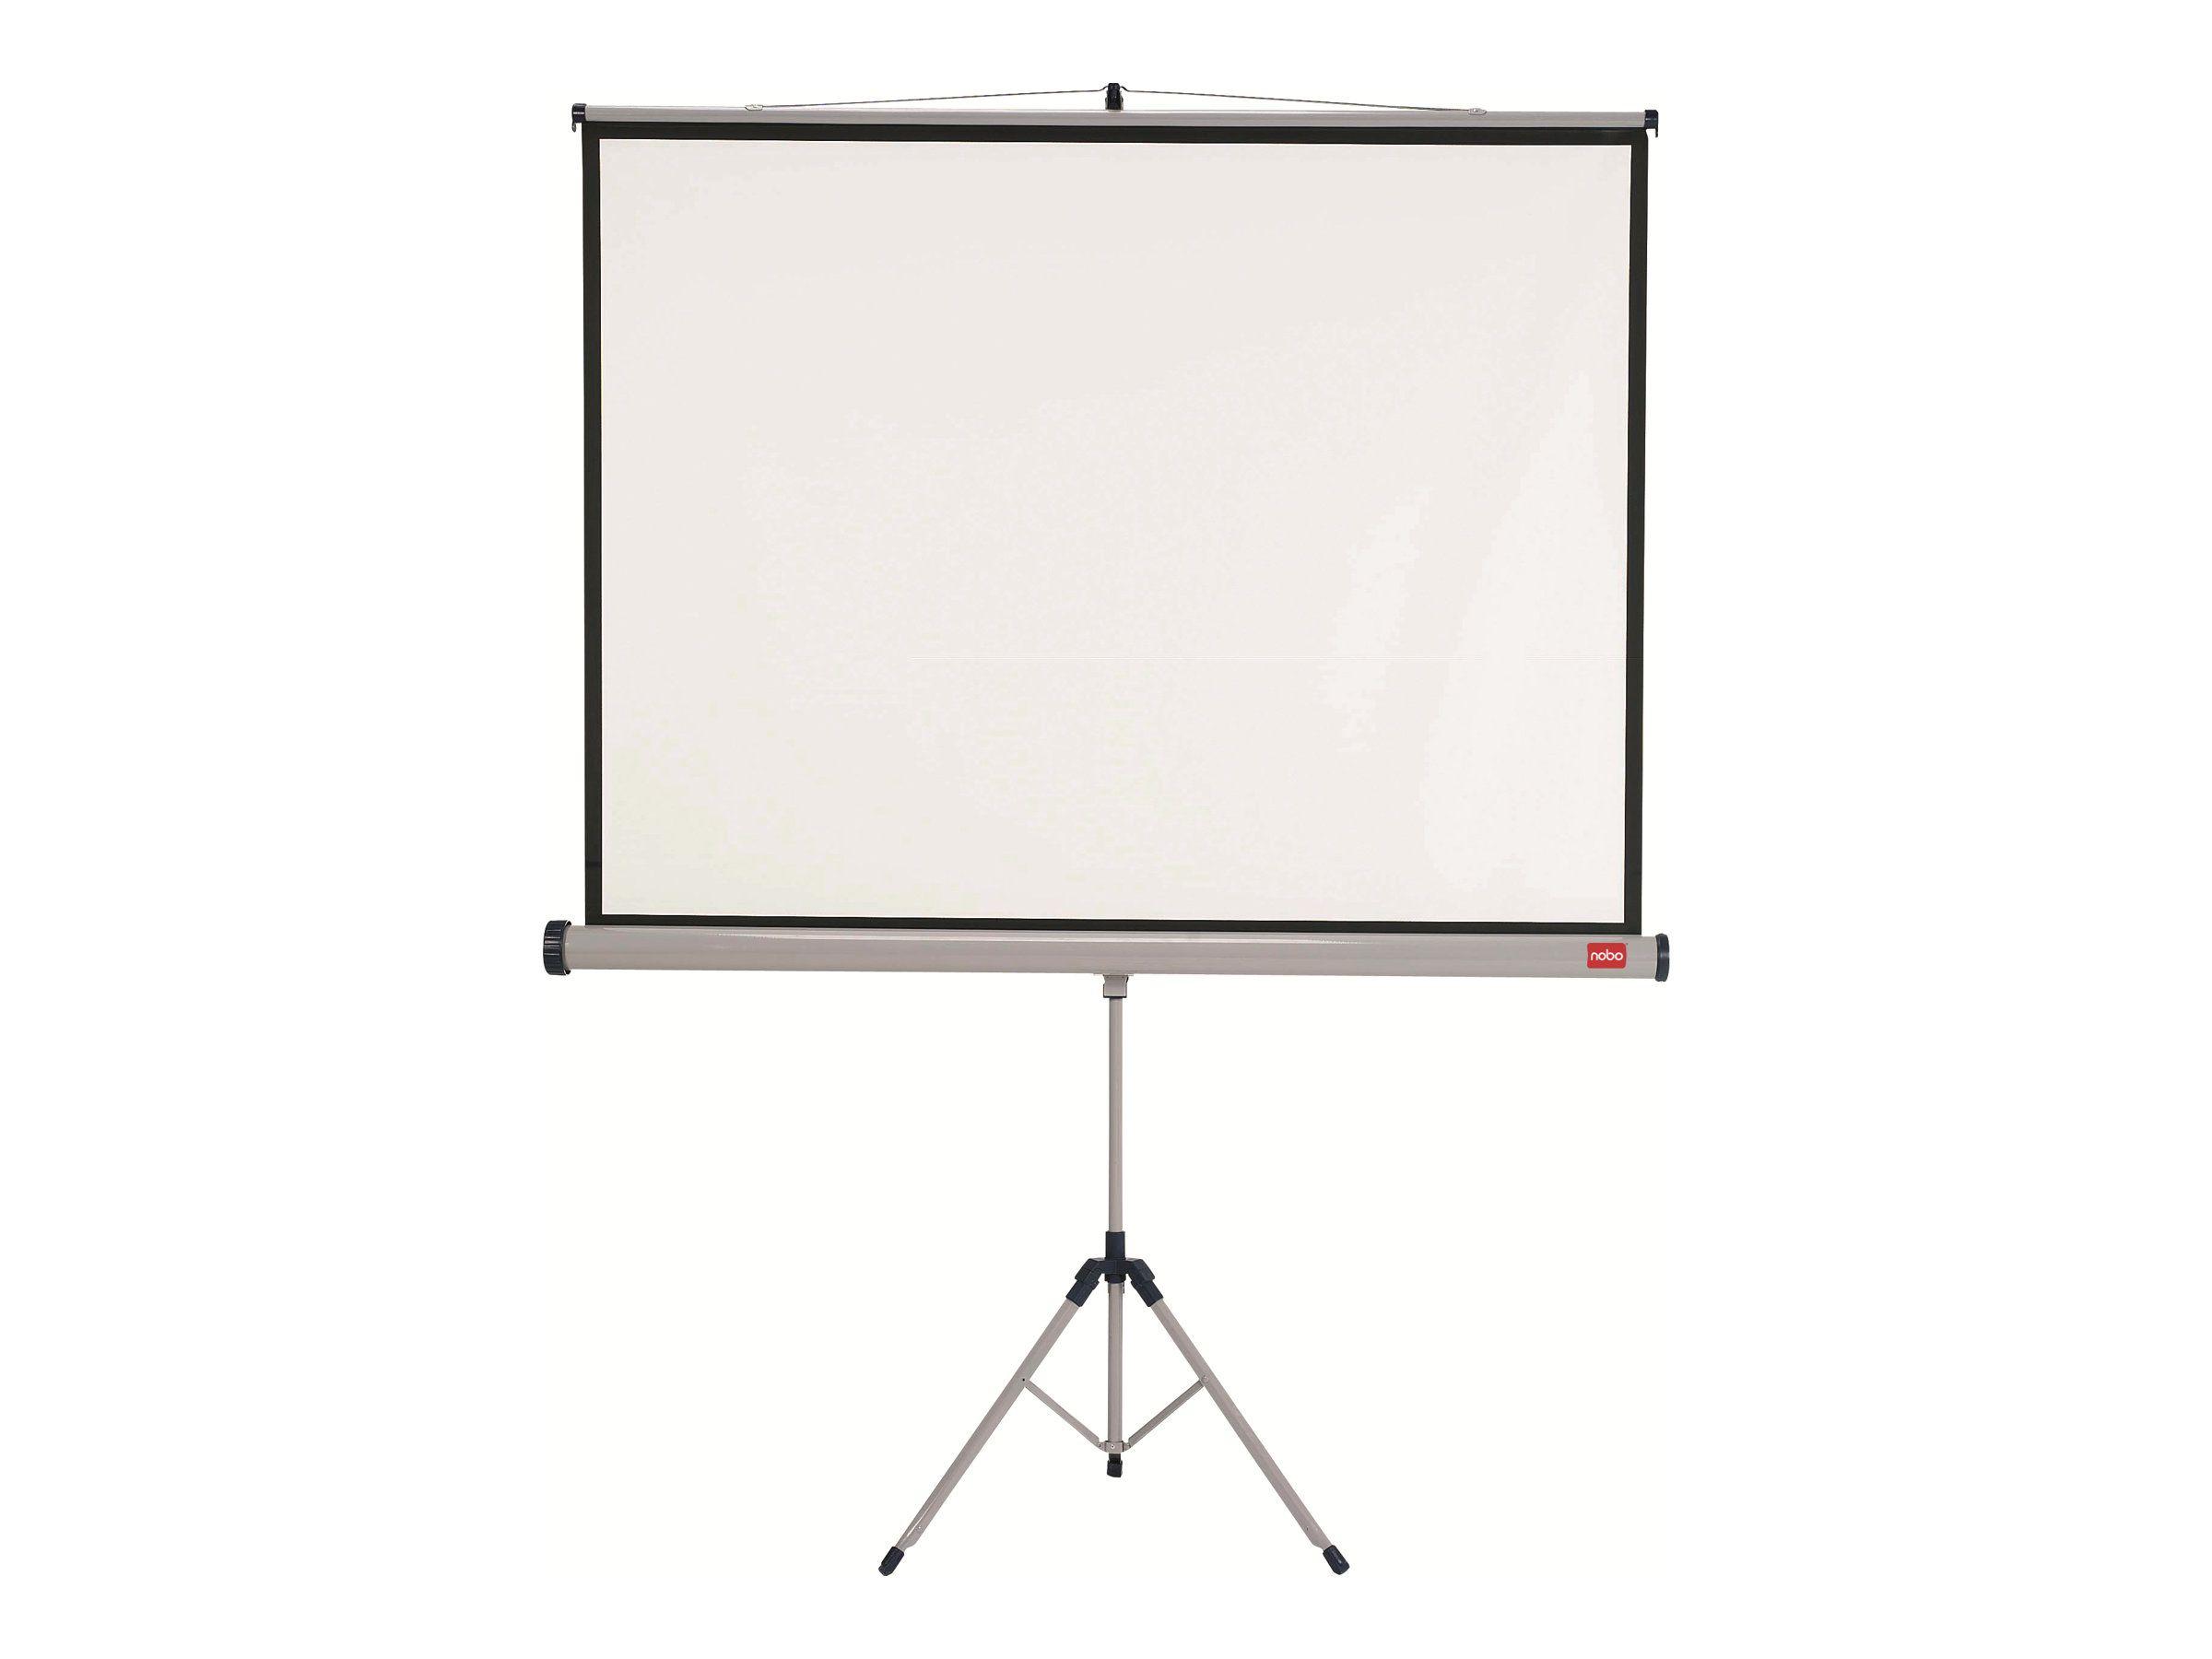 Peinture Pour Ecran Retroprojecteur nobo écran de projection avec trépied - 71 po (180.5 cm)